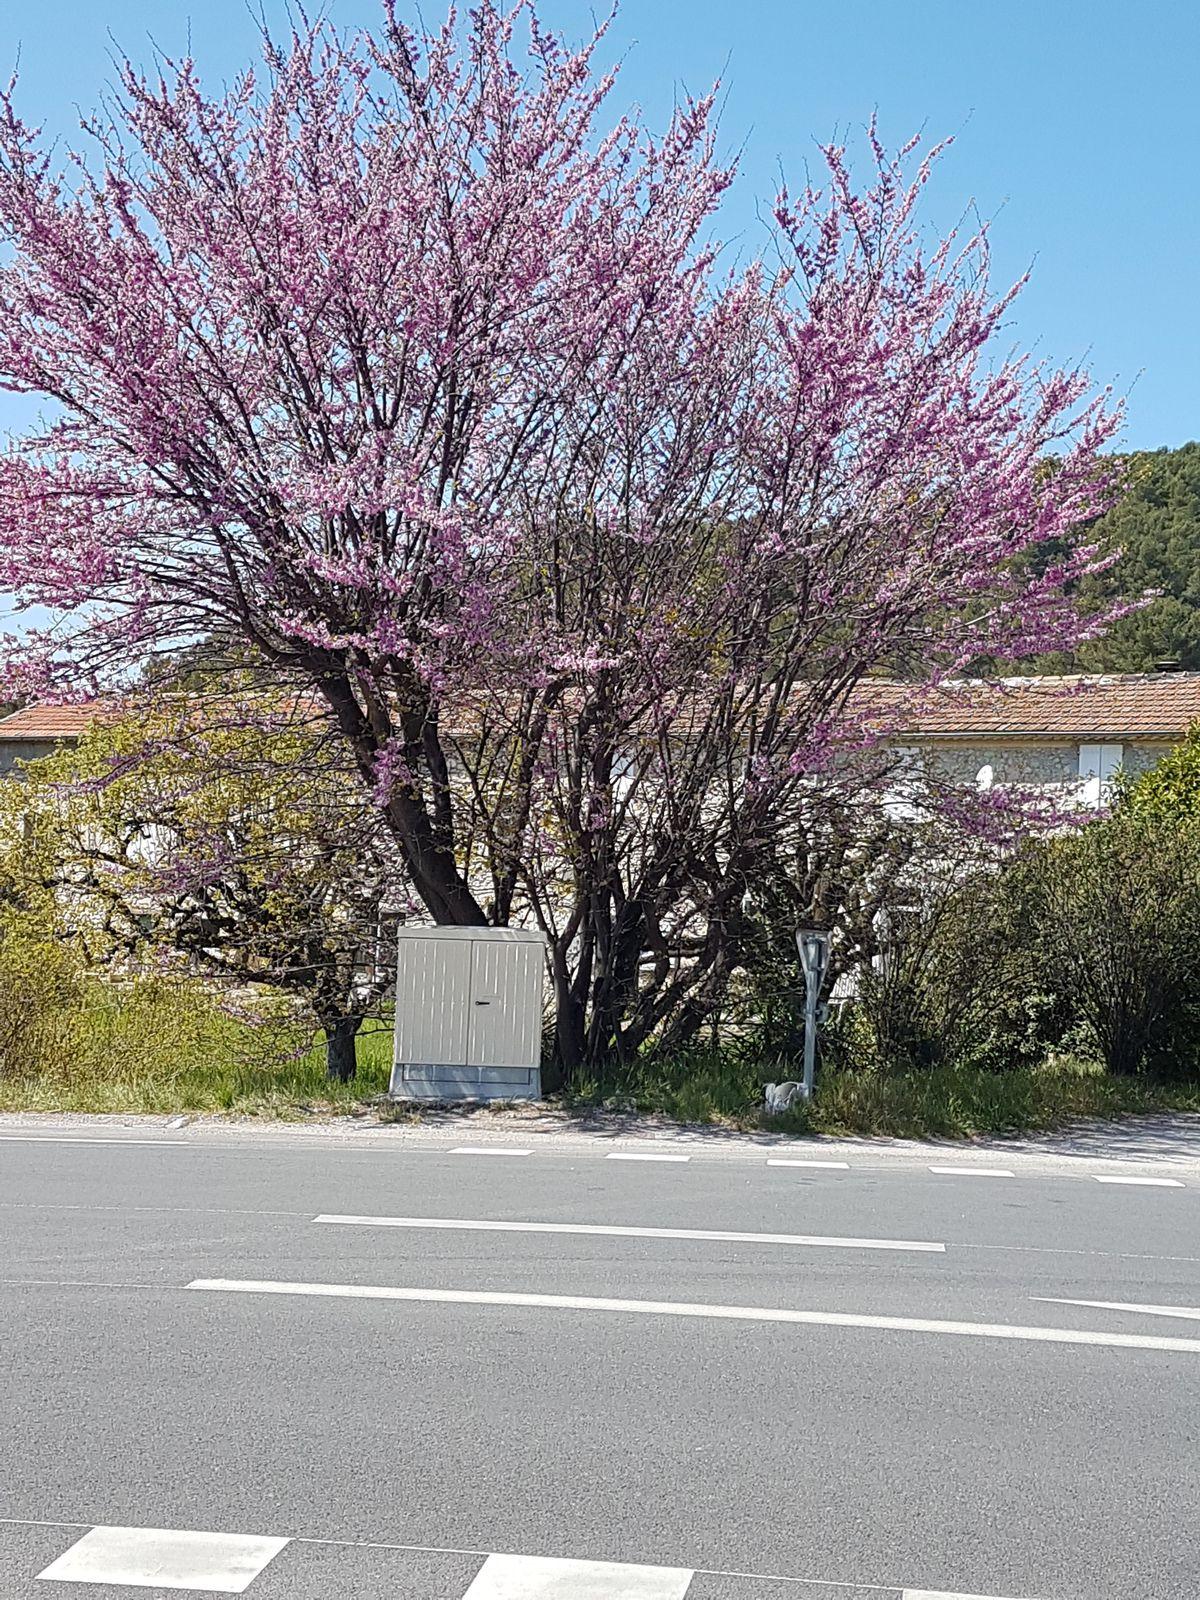 Magnifique arbre en fleur actuellement dont je ne retrouve pas le nom ?